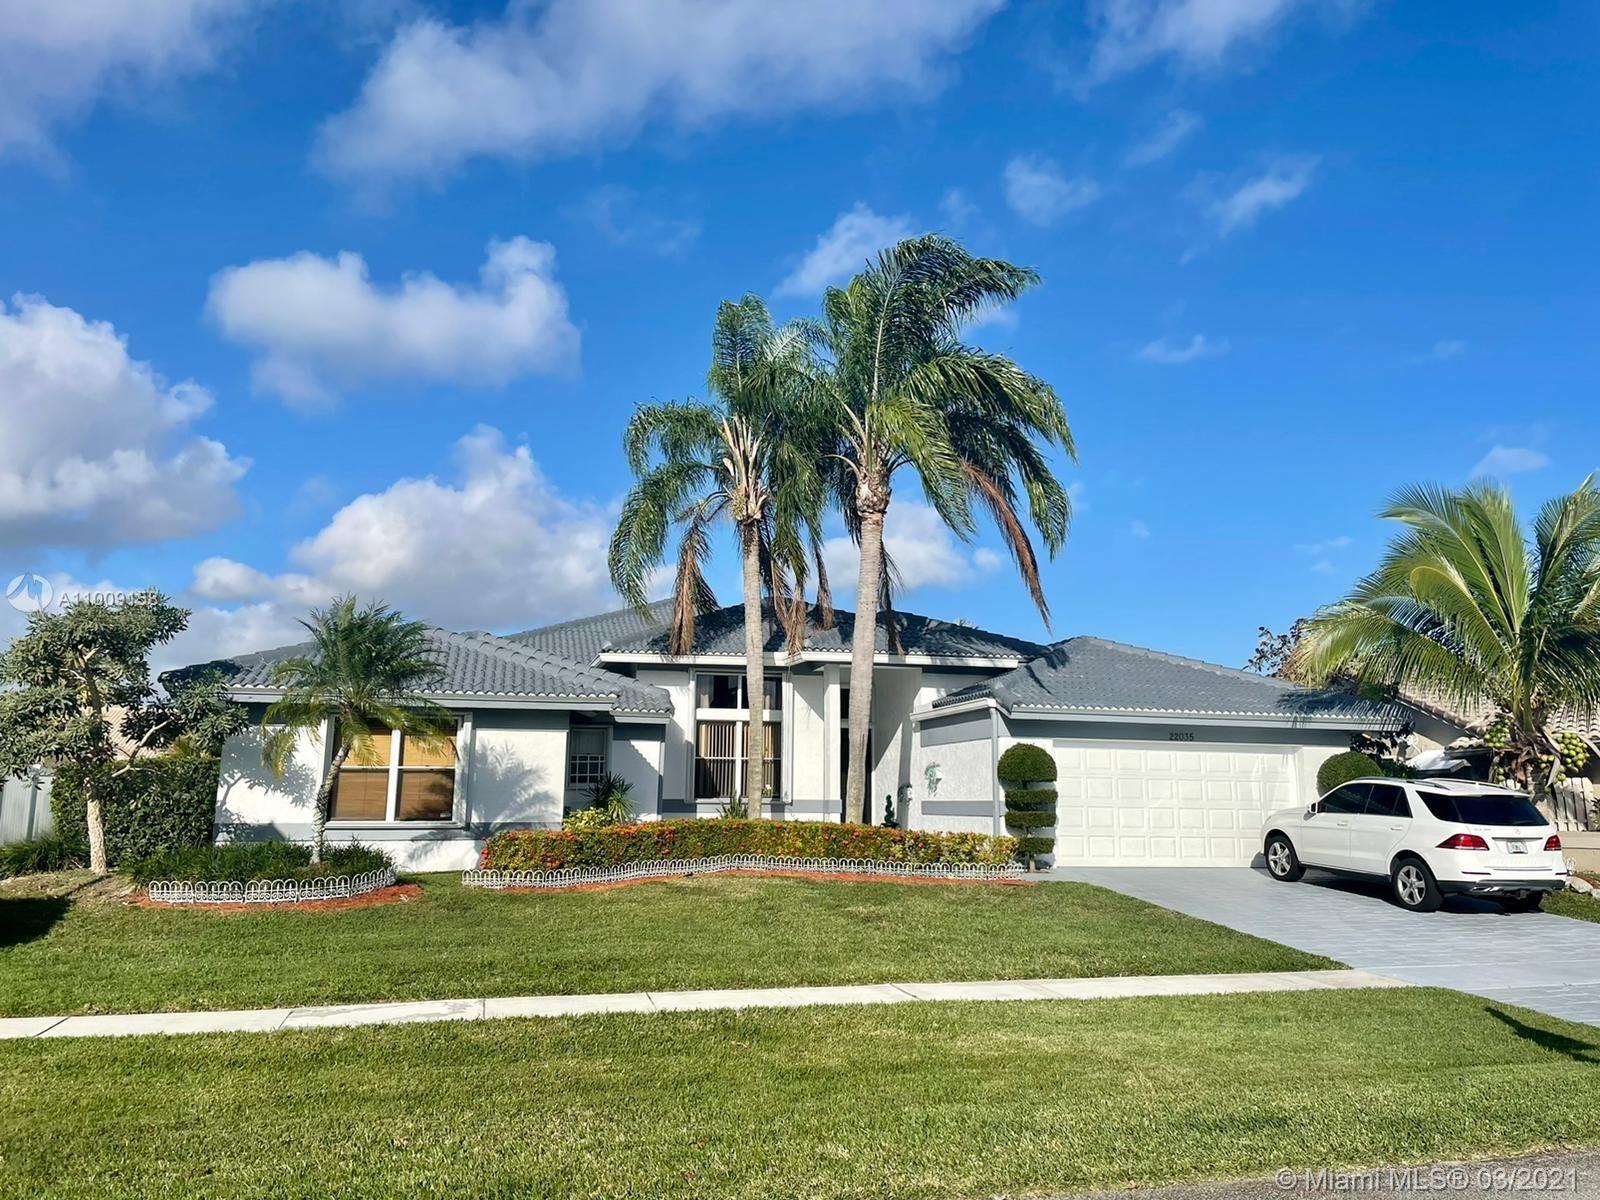 Photo of 22035 Martella Ave, Boca Raton, FL 33433 (MLS # A11009158)